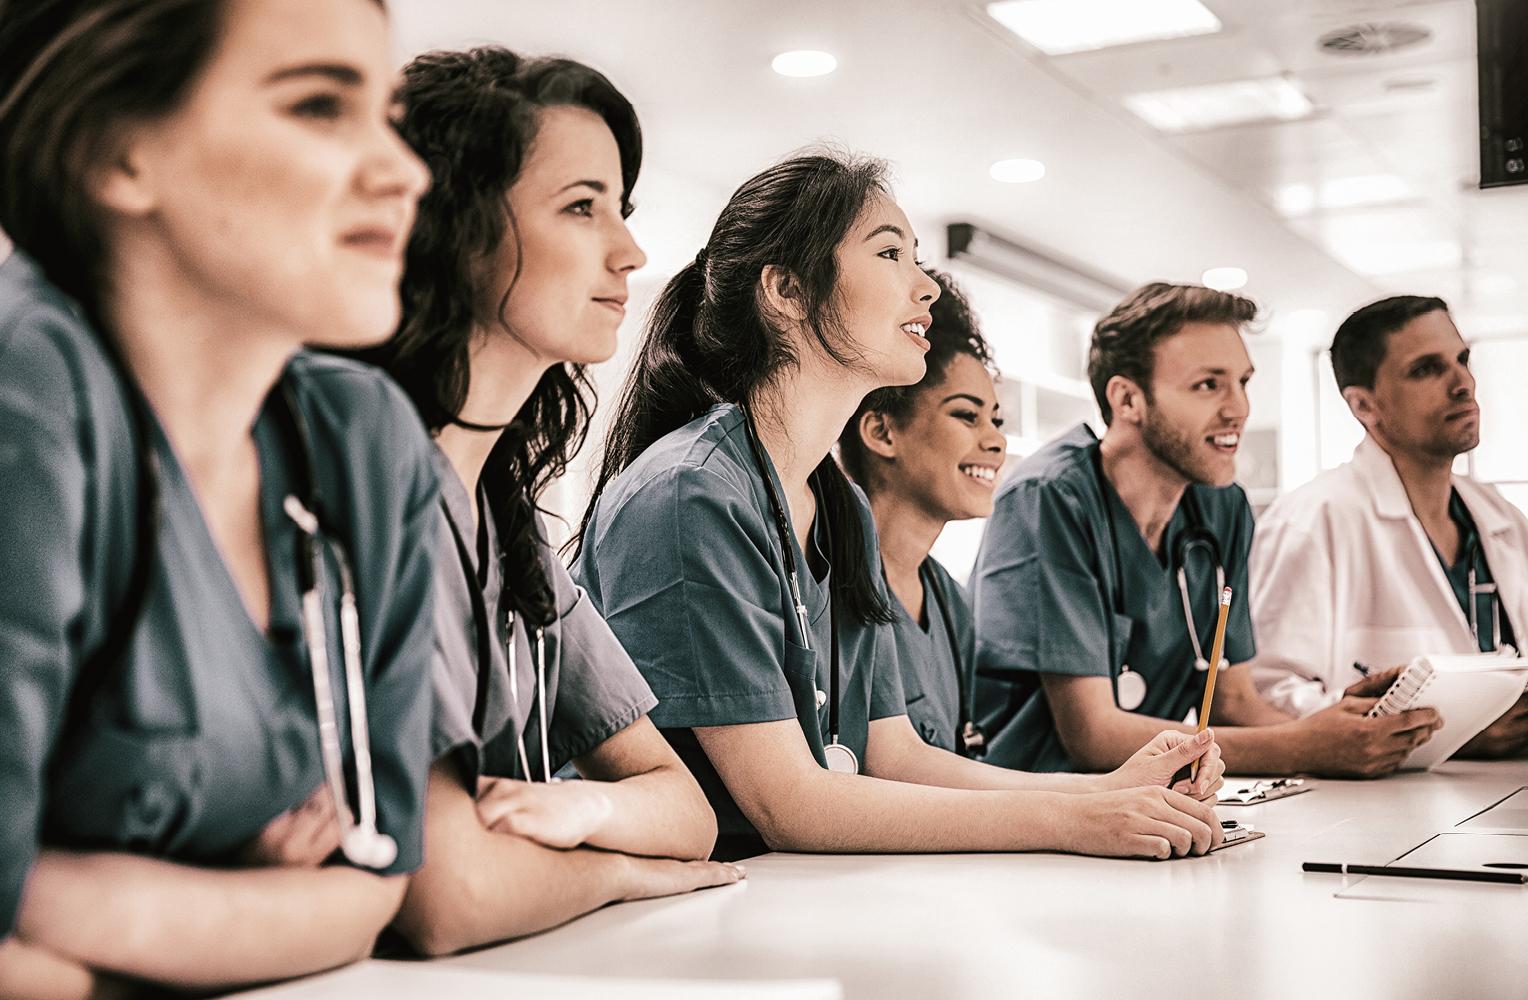 Fachkräfte aus dem Gesundheitssektor in einer Reihe